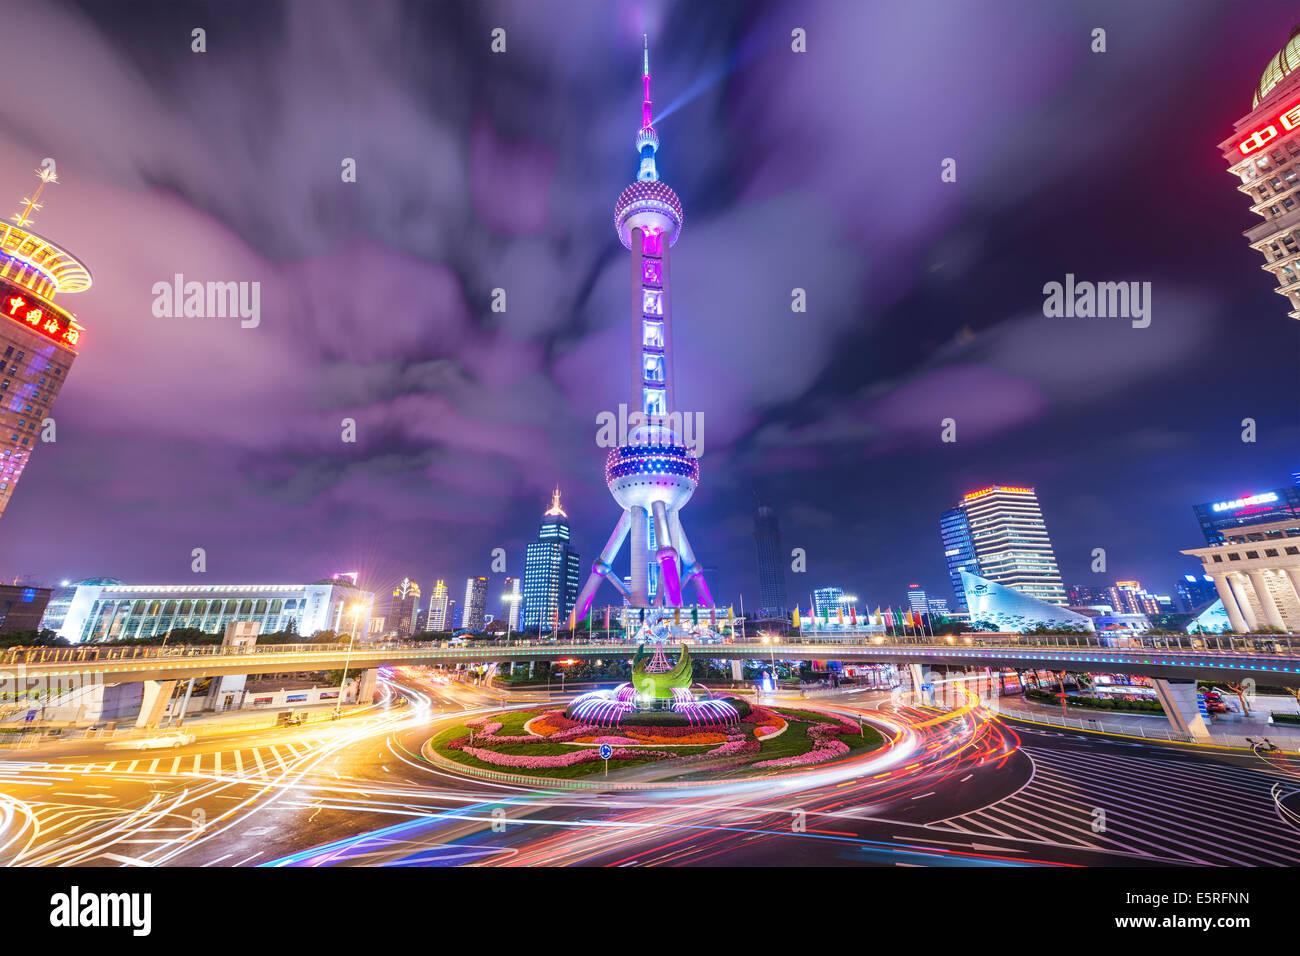 L'Oriental Pearl Tower de nuit à Lujiazui Quartier Financier de Shanghai, Chine. Photo Stock